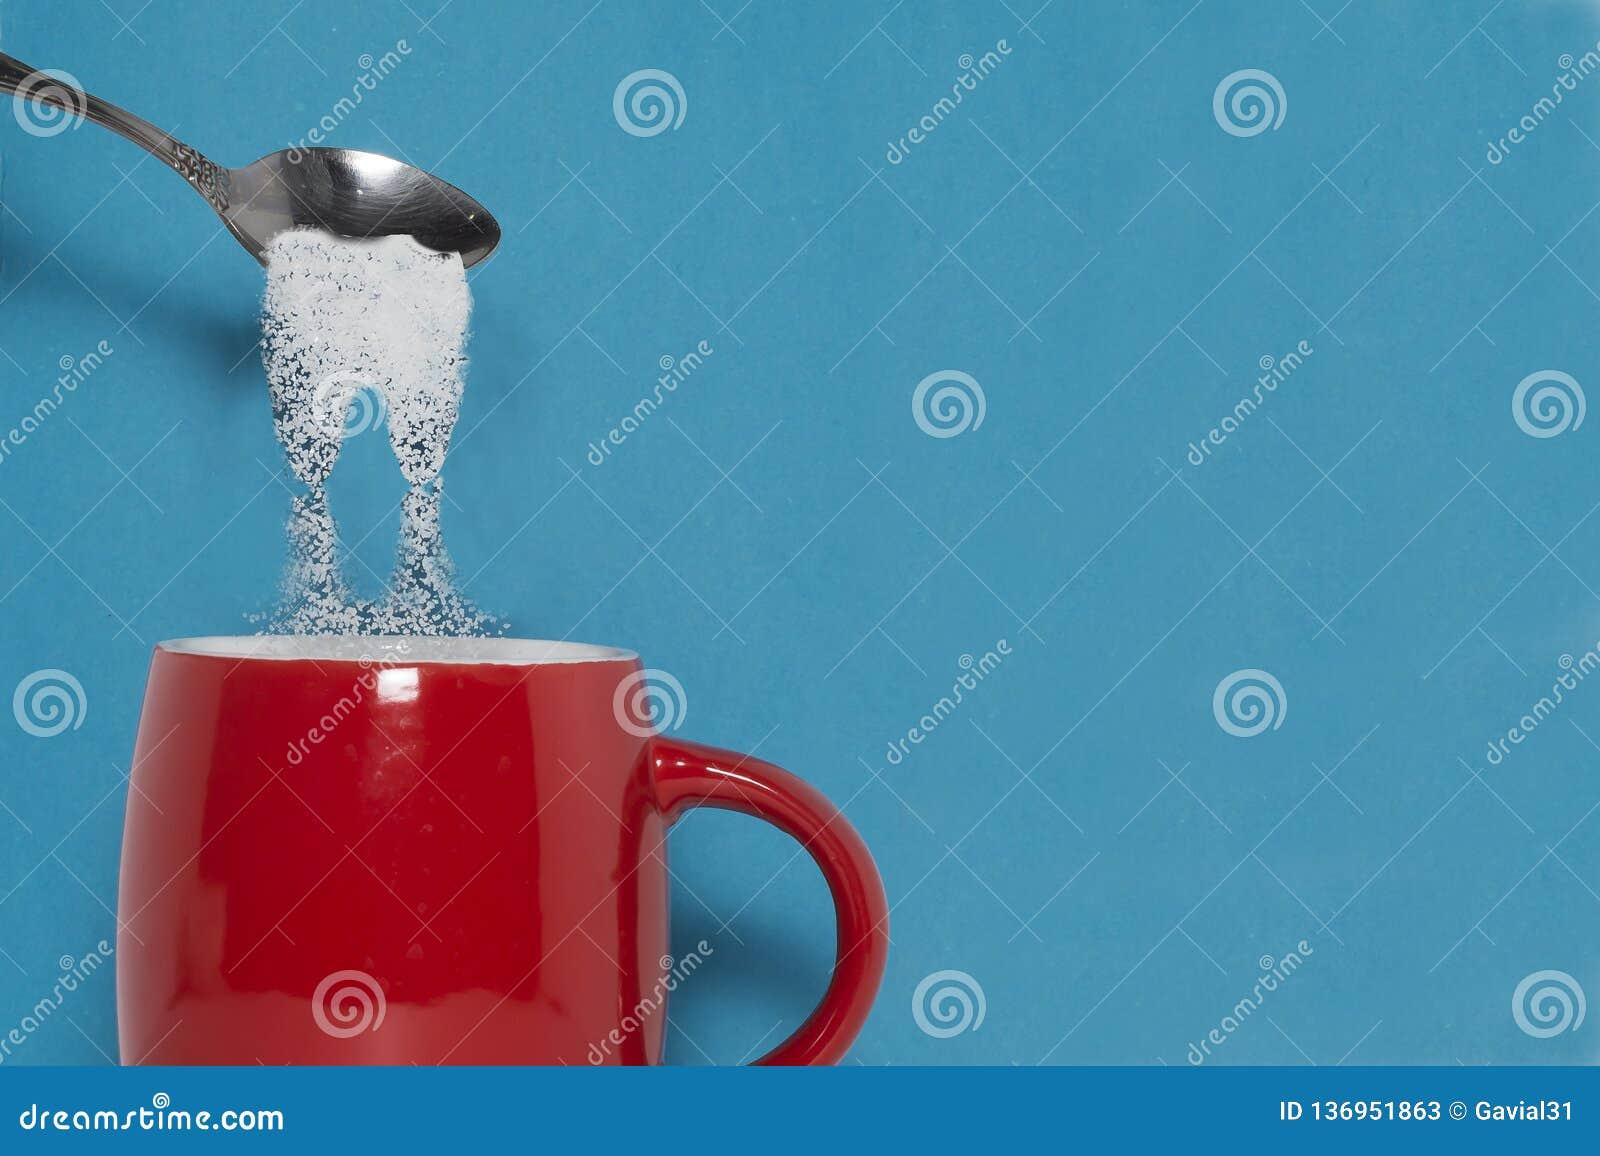 La cuillère à café met le sucre dans une tasse Le concept des dangers de la consommation excessive de sucre